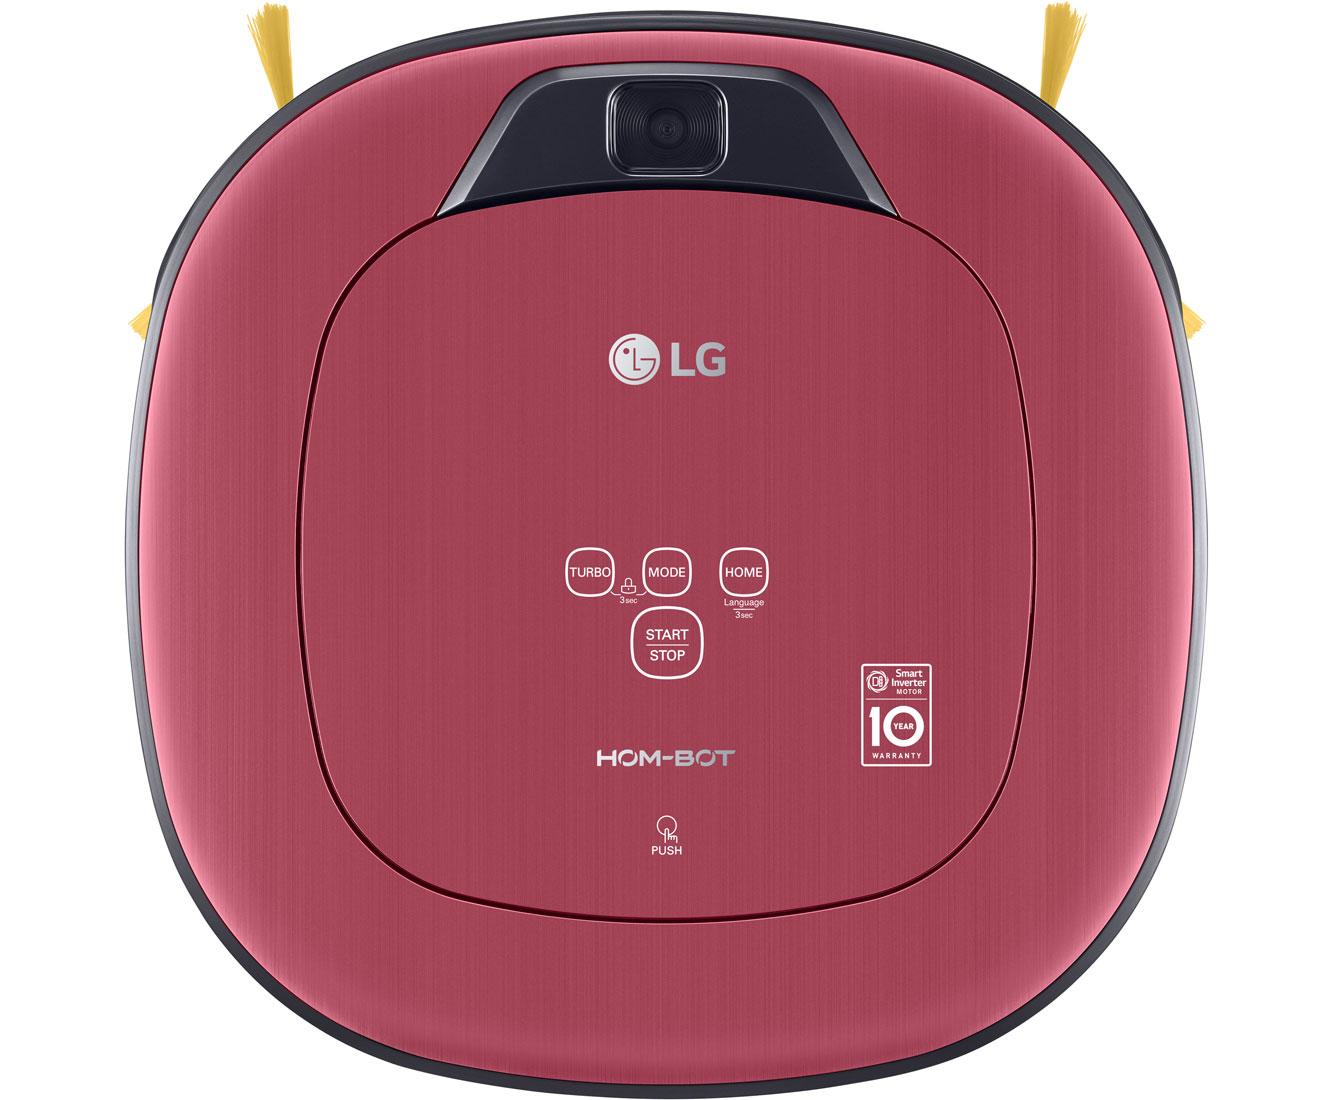 LG HomeBot Turbo VR 9624 PR Staubsauger - Rot Metallic | Flur & Diele > Haushaltsgeräte | Rot - Metallic | LG